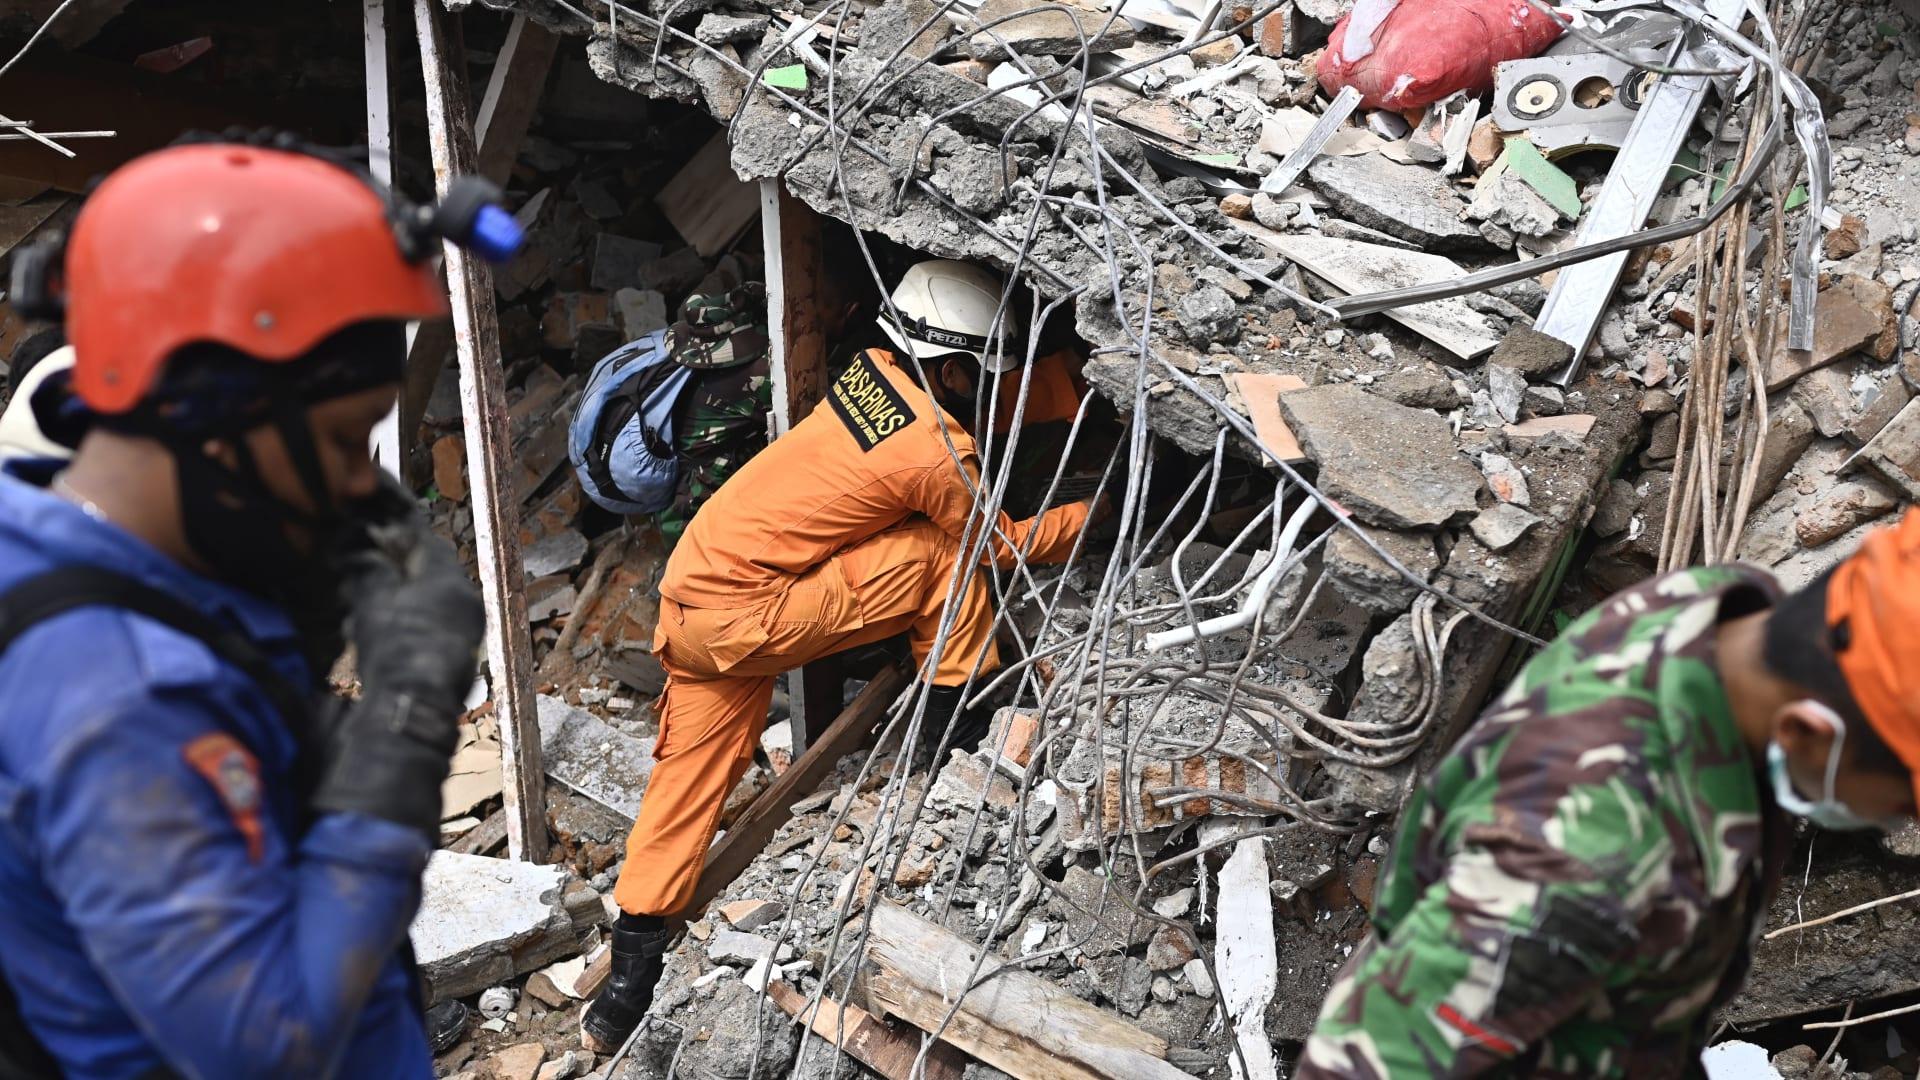 إلى أي مدى وصل تأثير زلزال جزيرة سولاويسي الإندونيسية؟